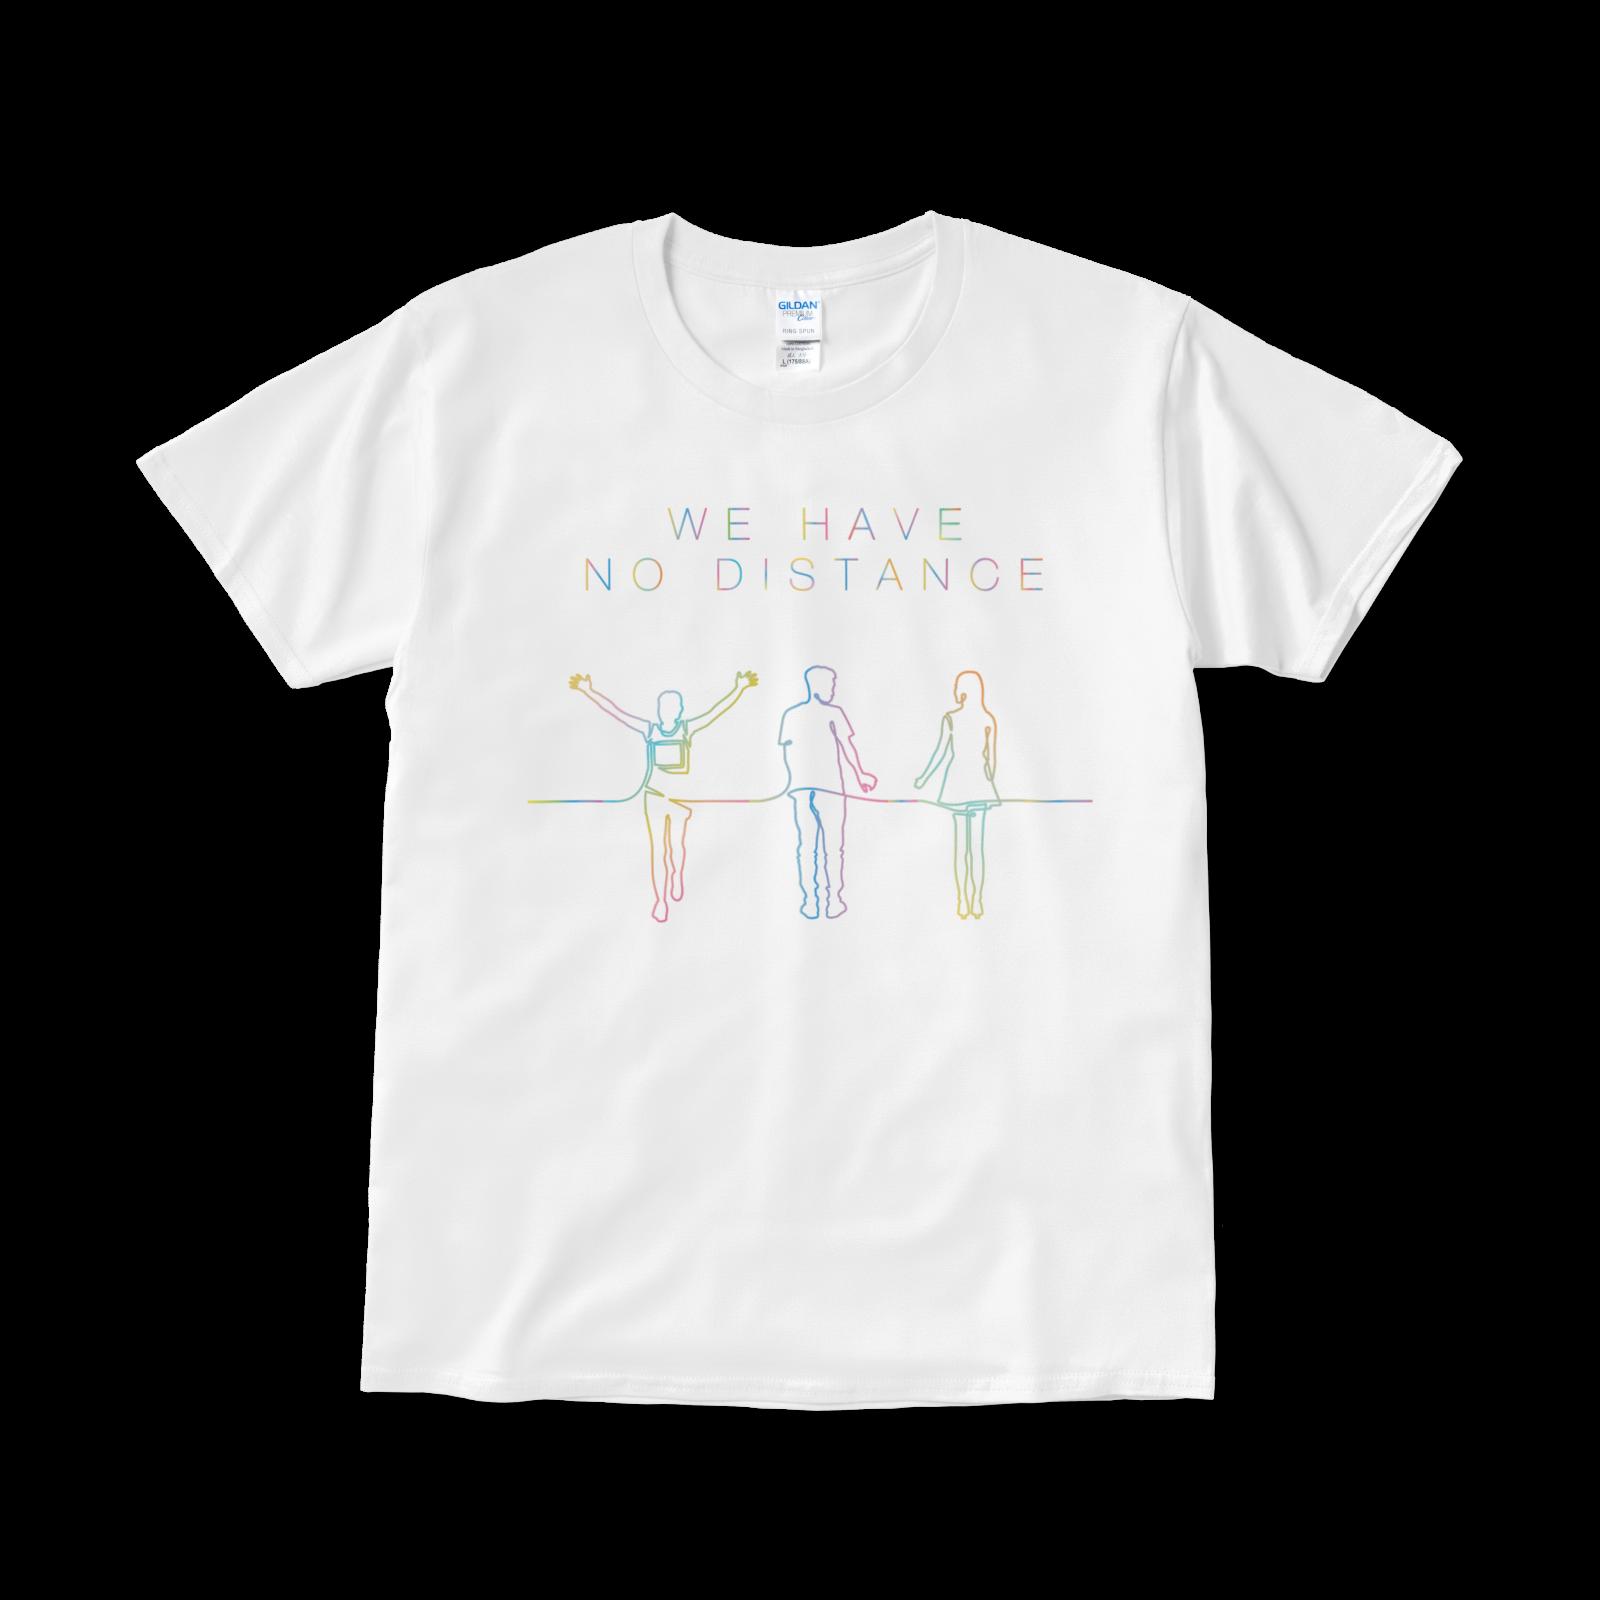 【再会を誓うTシャツ】「WE HAVE NO DISTANCE」タイプ001(送料無料)